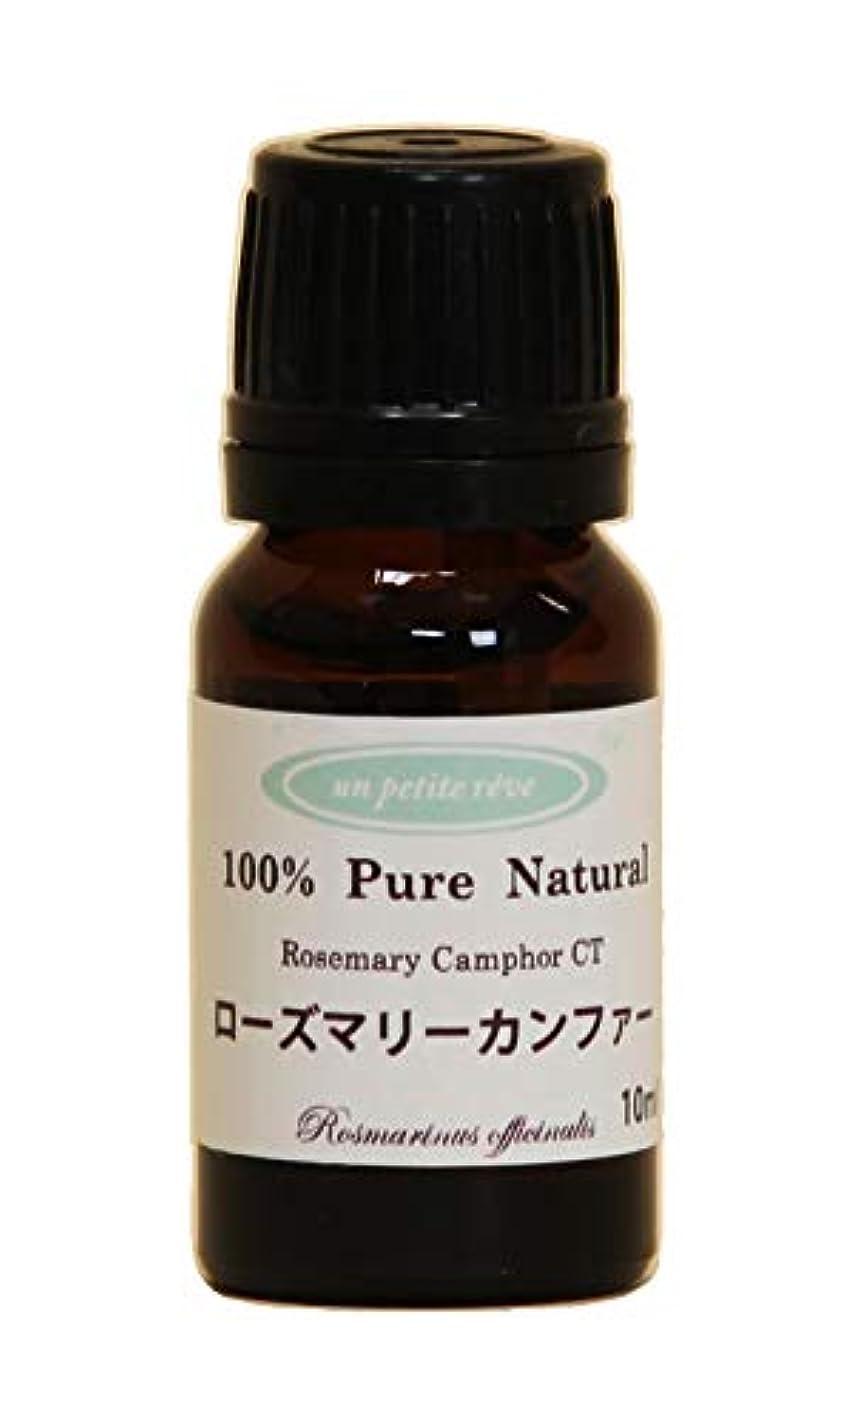 溶かすアプライアンス寂しいローズマリーカンファー  10ml 100%天然アロマエッセンシャルオイル(精油)